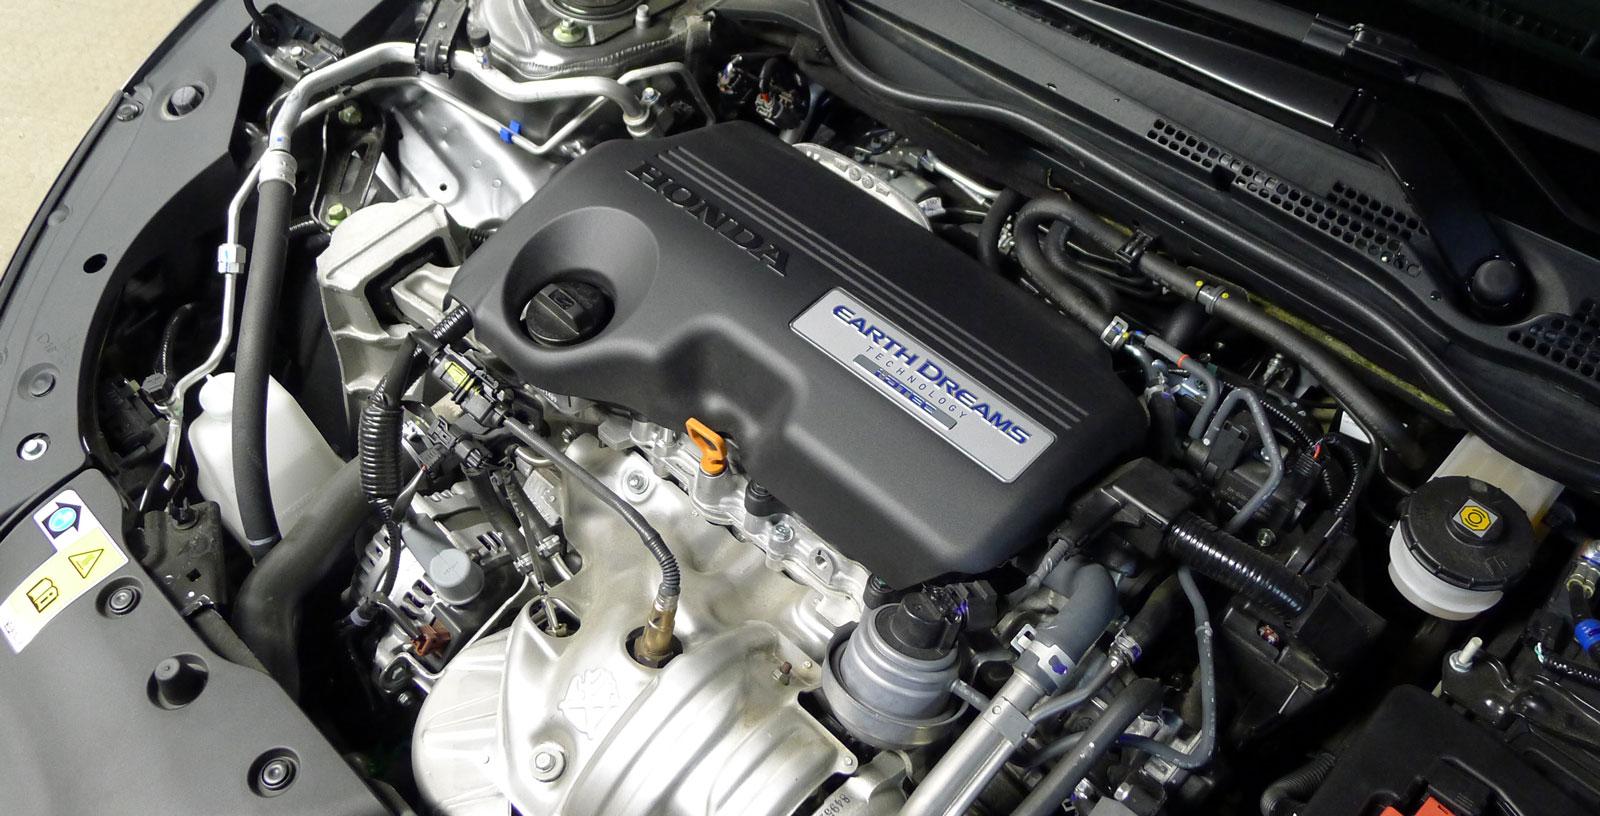 Hondas nya DTEC-maskin dröjde ett år efter debuten för senaste generationens Civic, men var värd väntan. En riktig delikatessdiesel med suveränt mjuk gång, ordentligt vridmoment och piggt temperament.